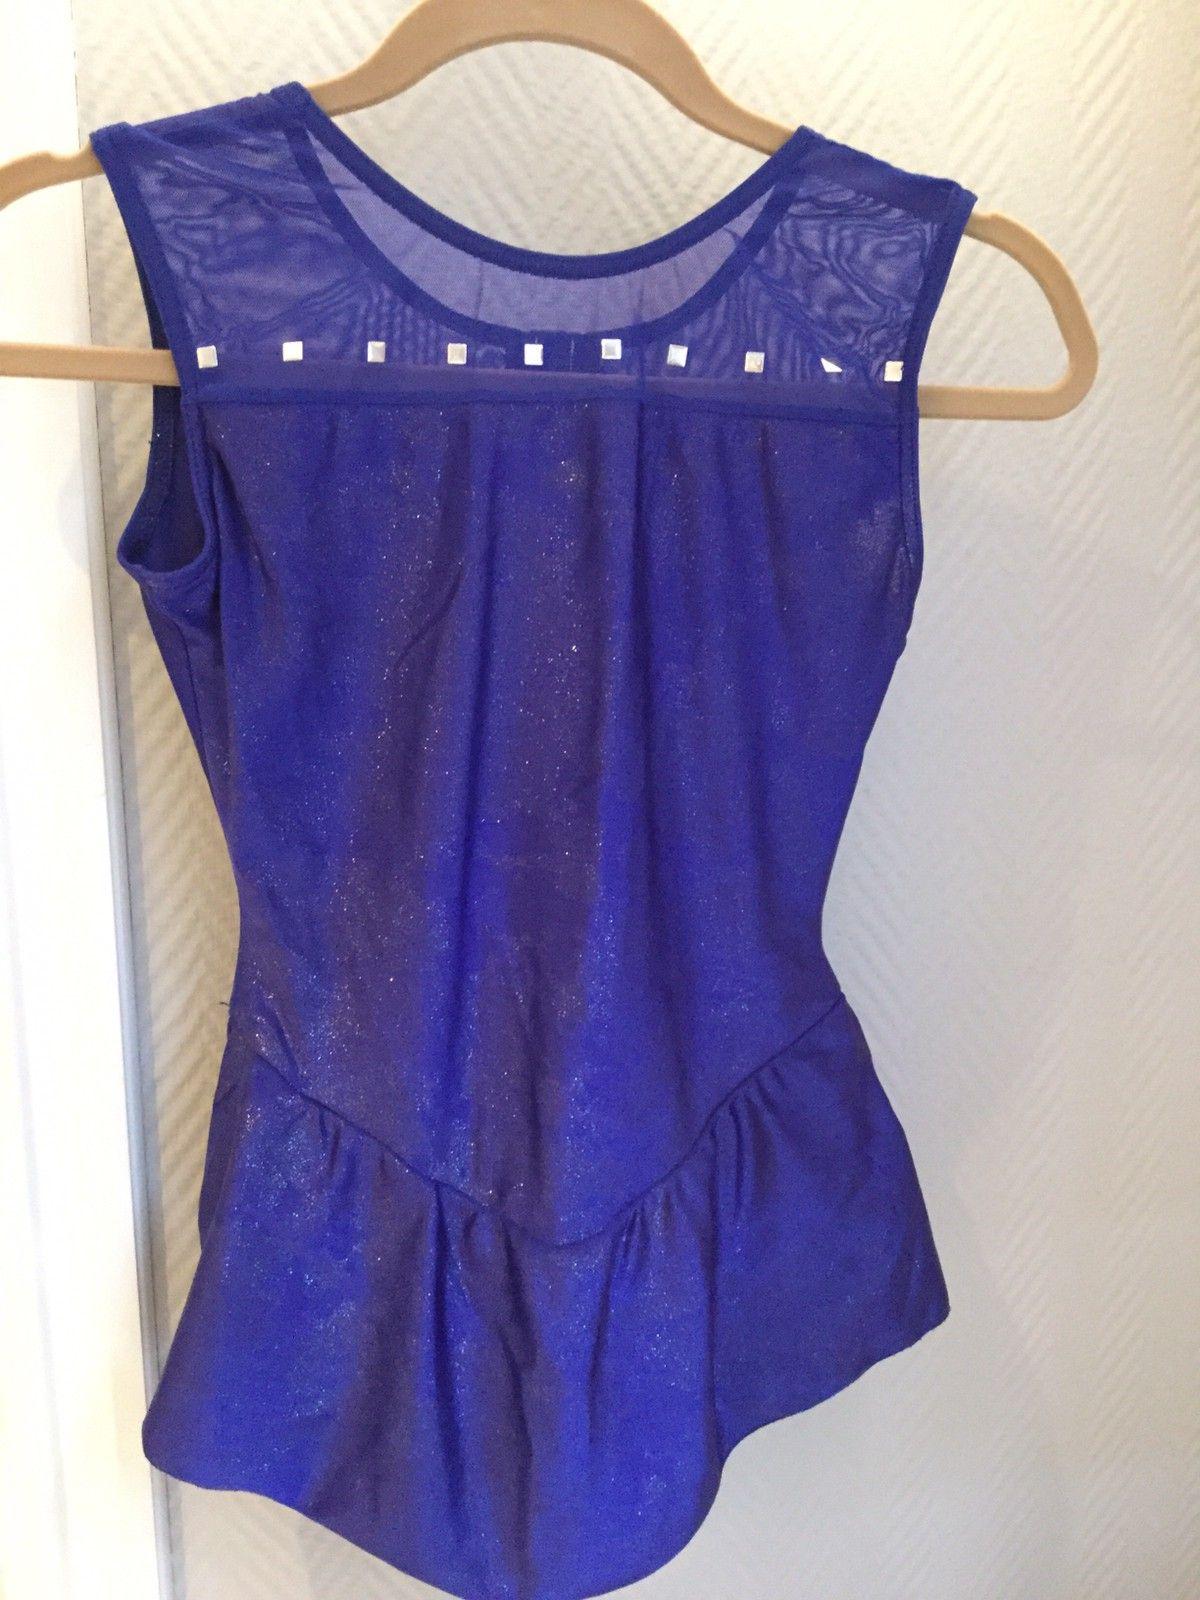 Kunstløp kjoler til salgs